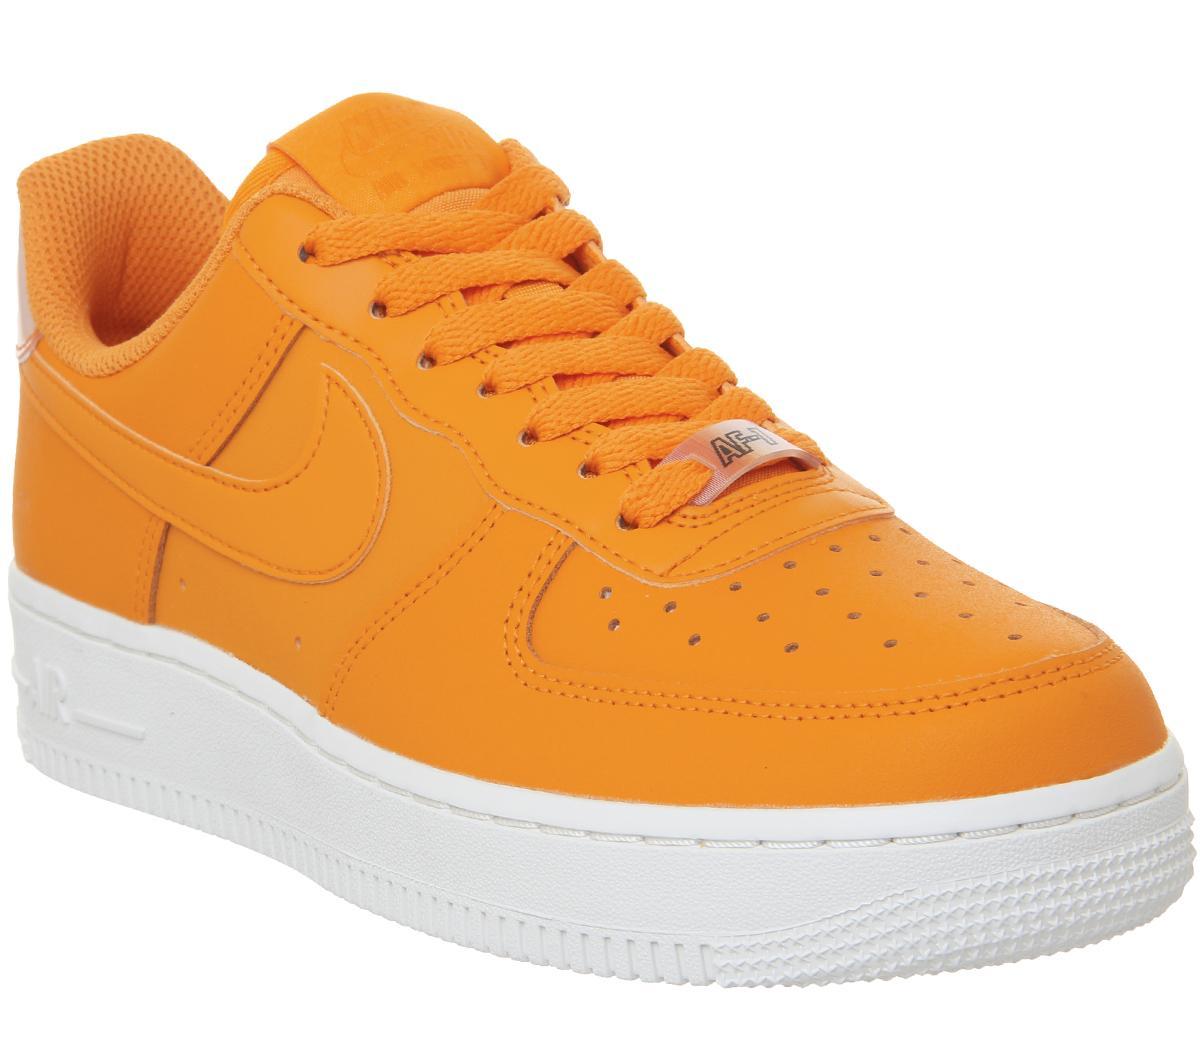 Nike Air Force 1 07 Trainers Orange